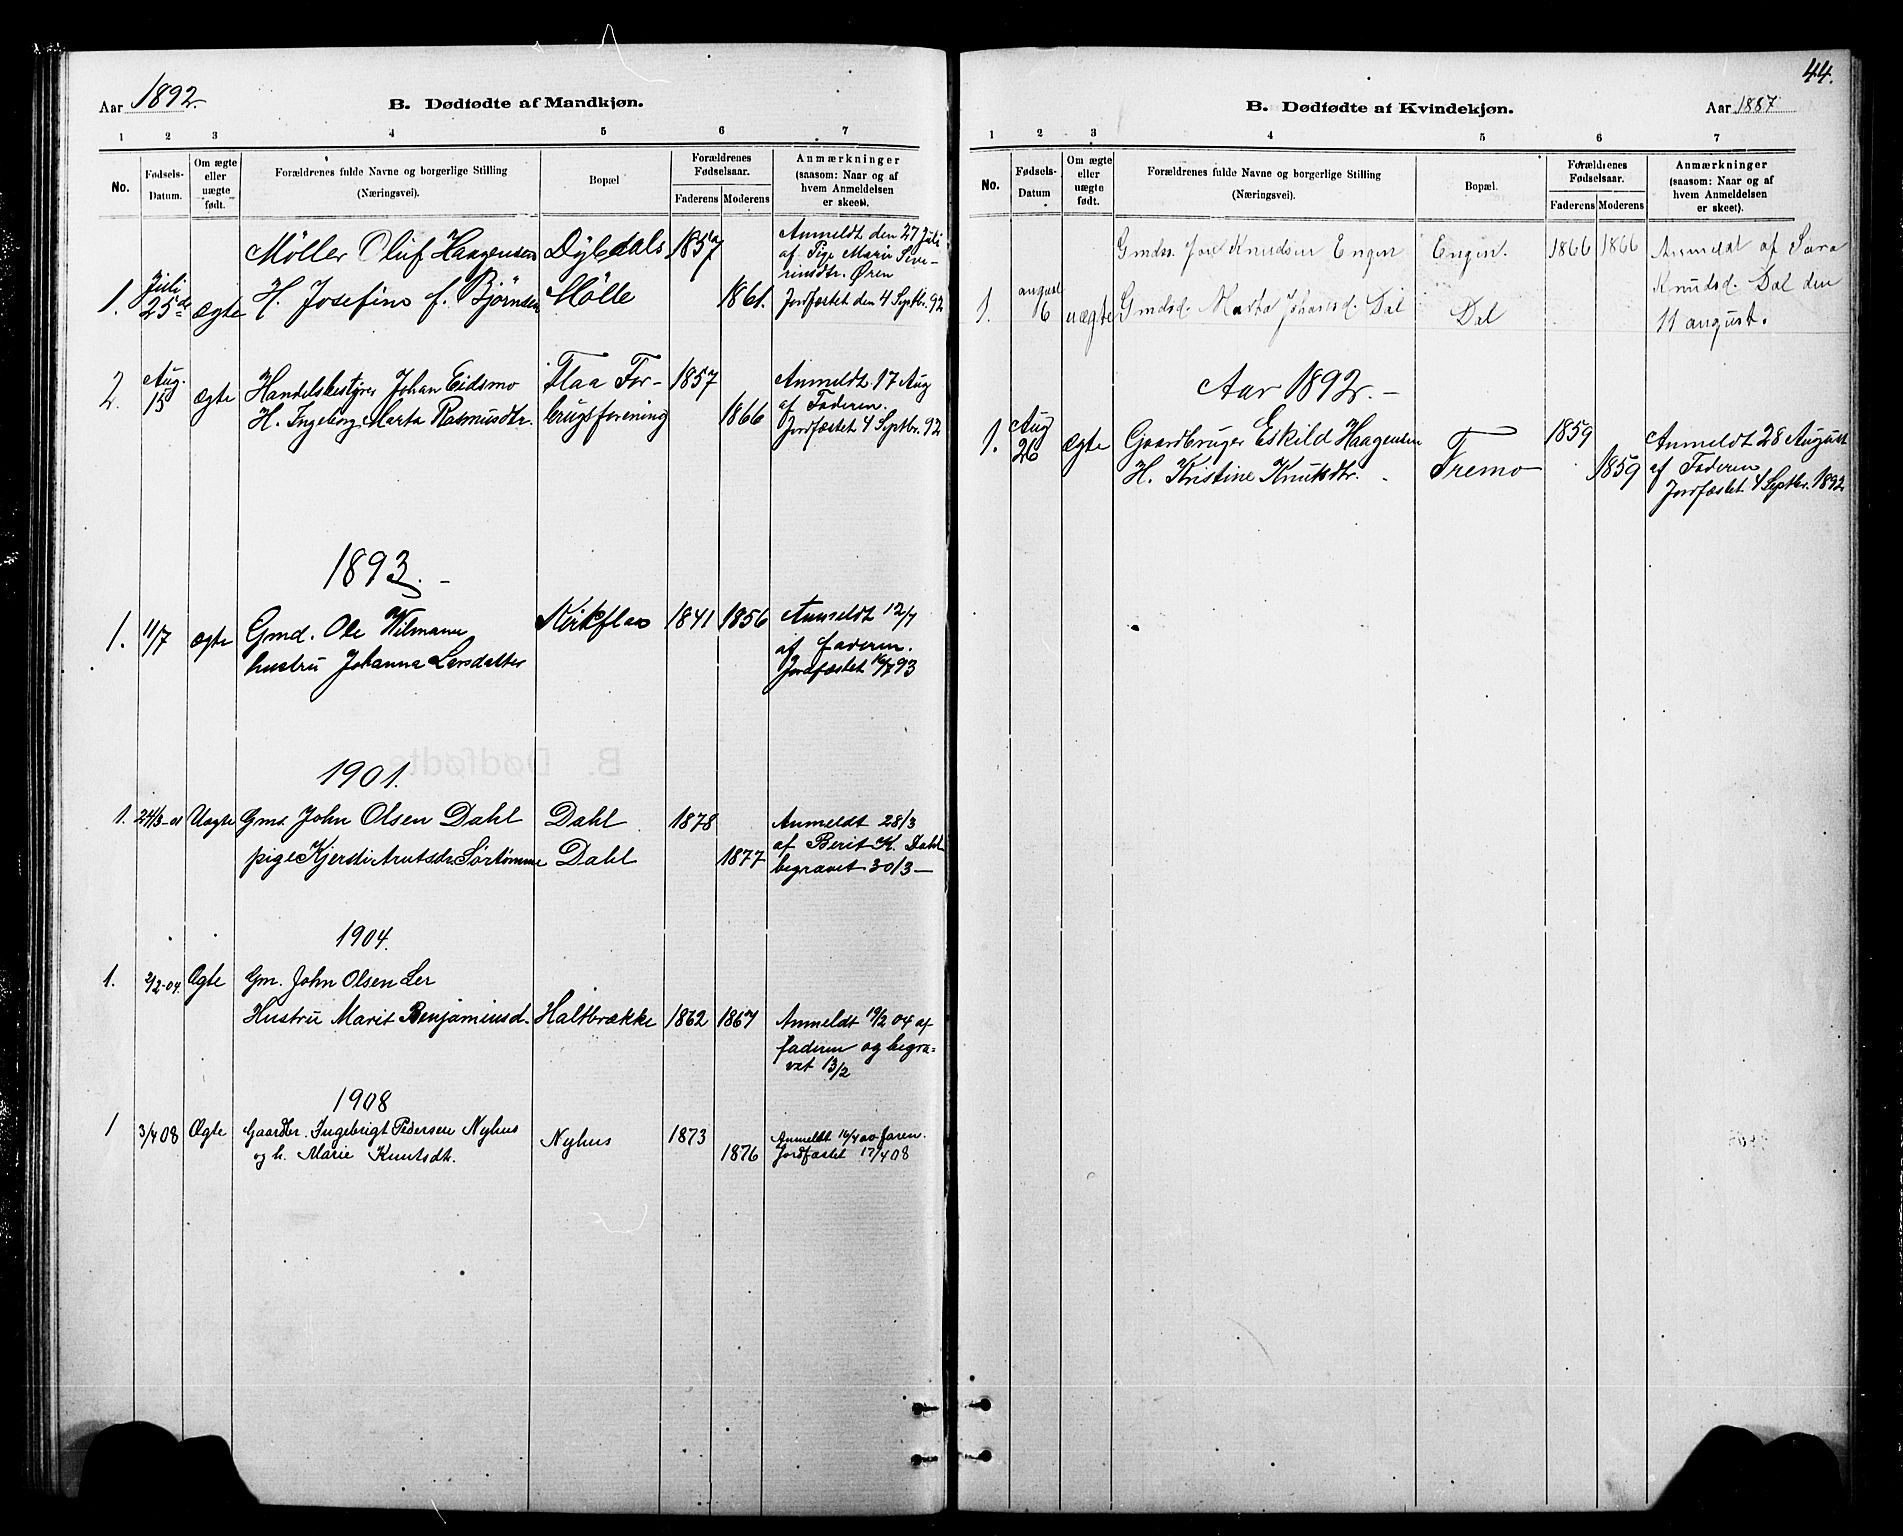 SAT, Ministerialprotokoller, klokkerbøker og fødselsregistre - Sør-Trøndelag, 693/L1123: Klokkerbok nr. 693C04, 1887-1910, s. 44